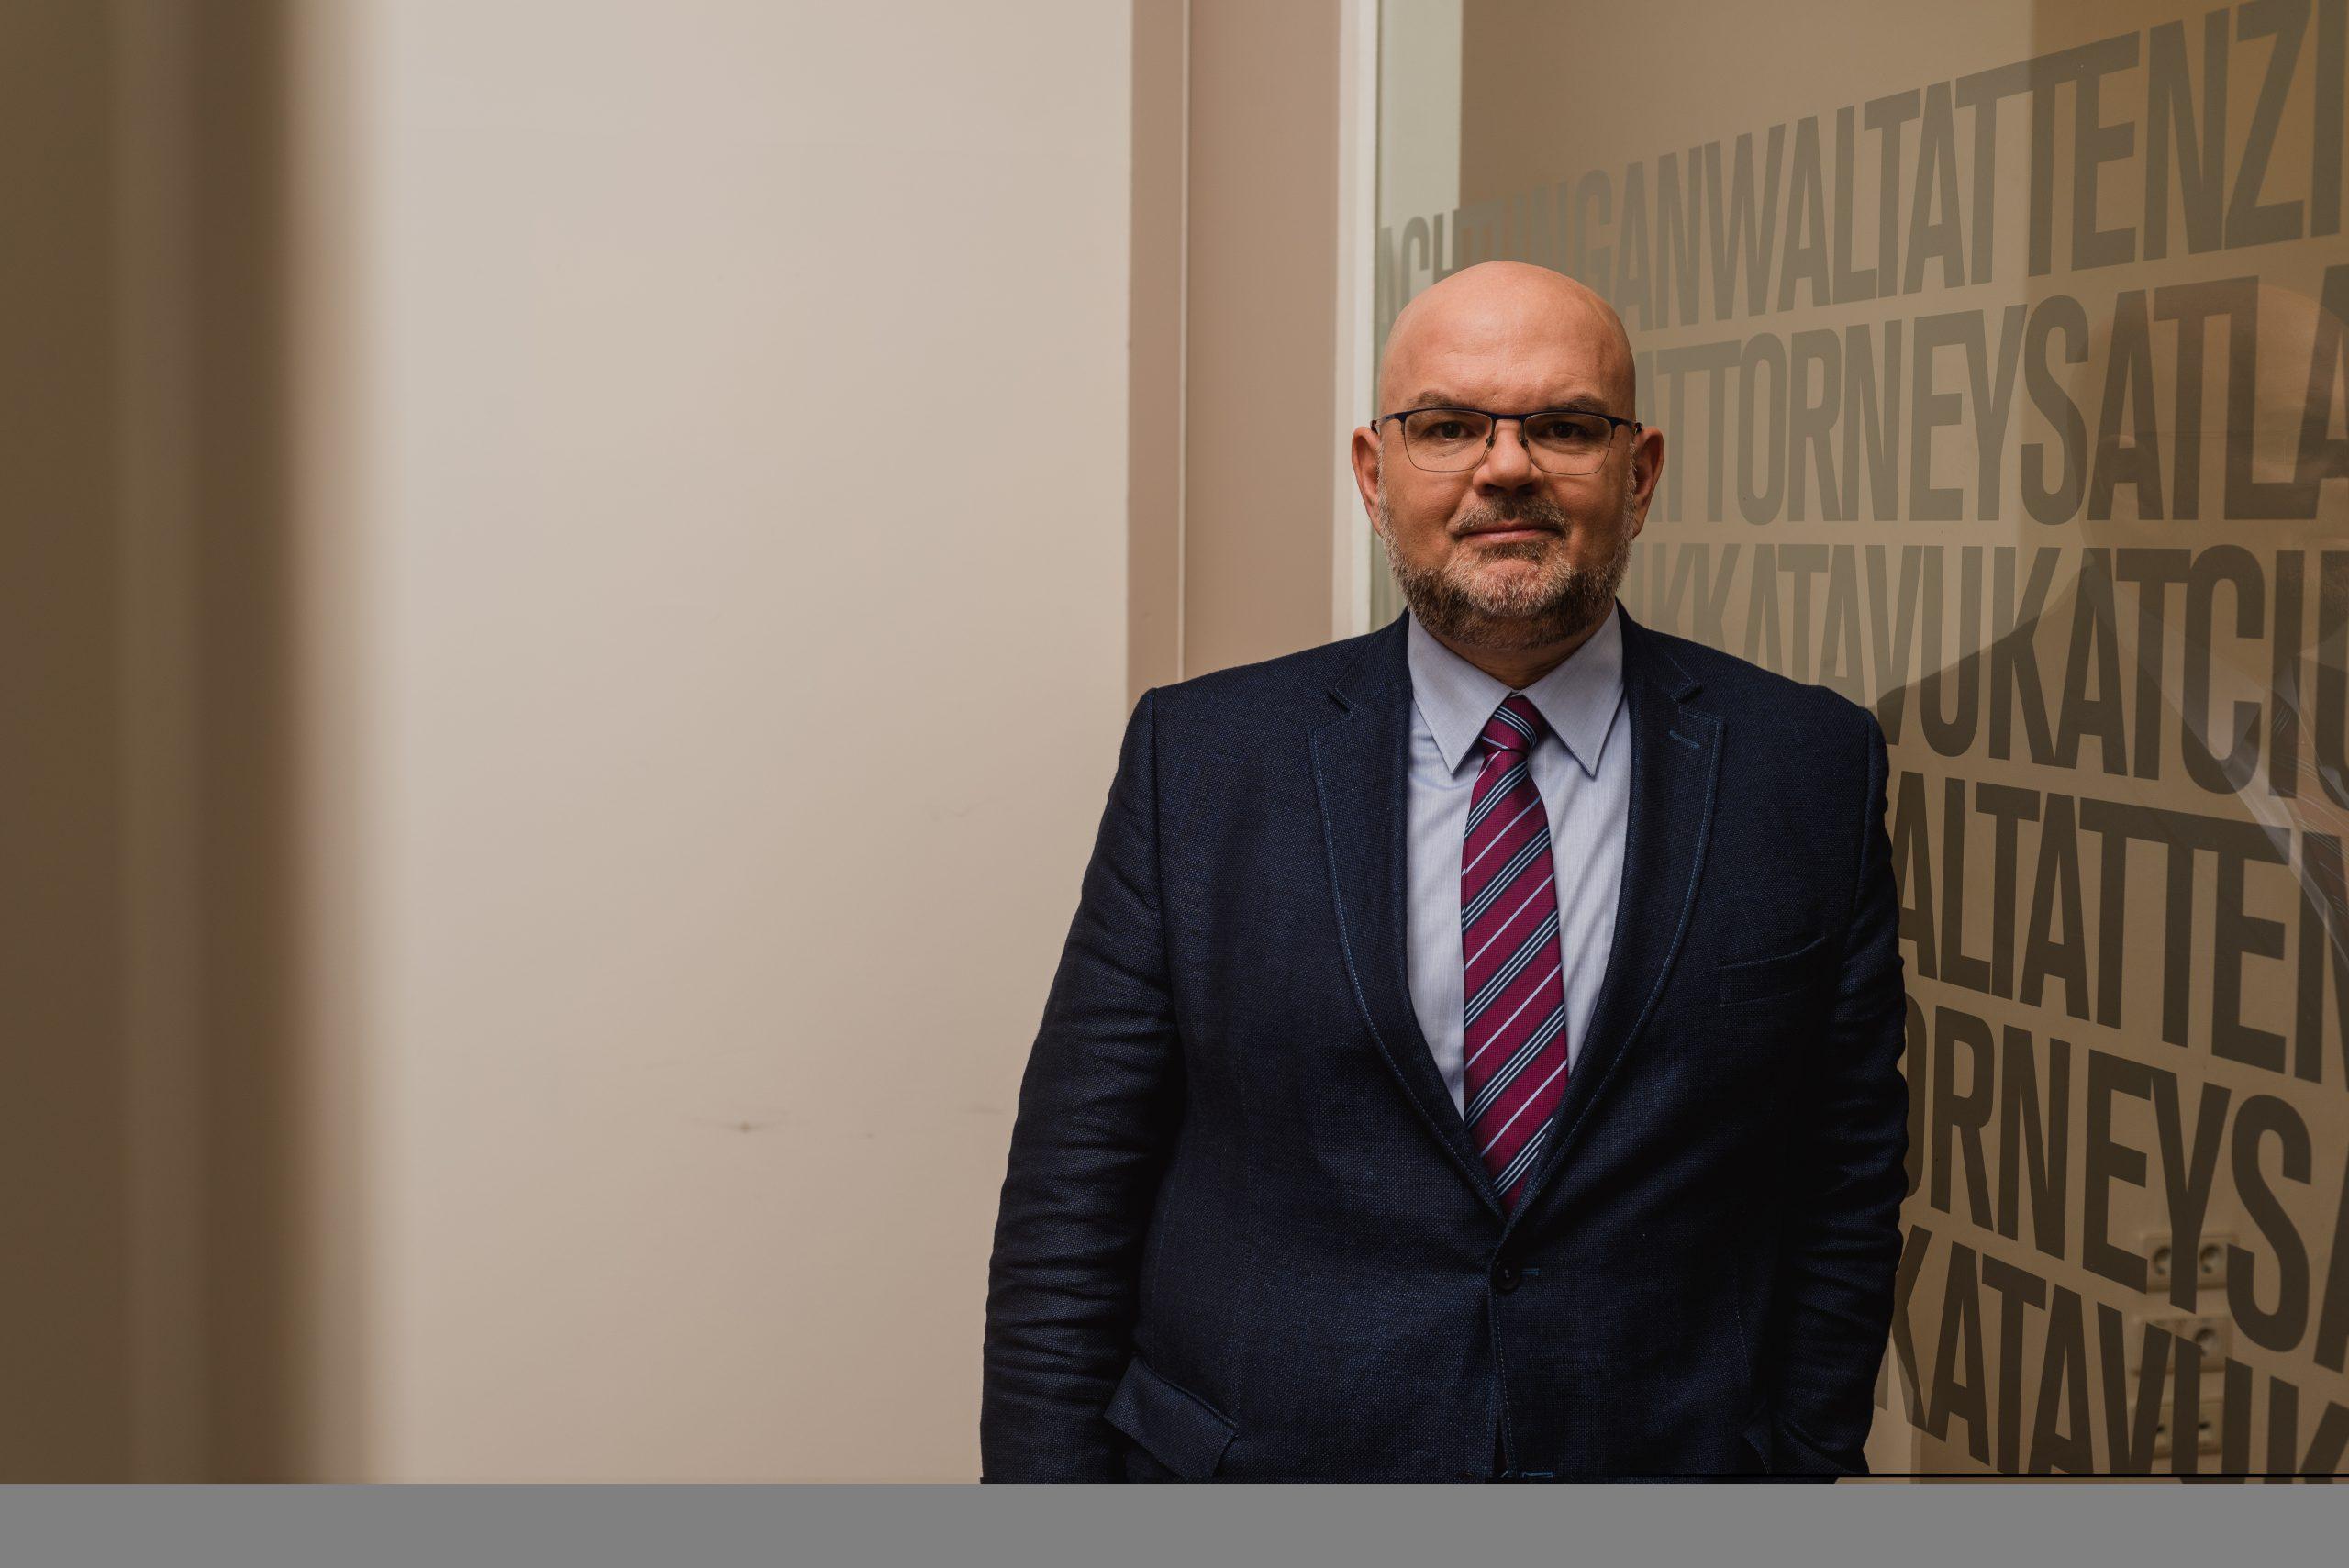 Ο Hardo Fischer αποκλειστικά στο healthweb: Η γονιδιακή θεραπεία εισάγει νέο θεραπευτικό πρότυπο στην Ιατρική